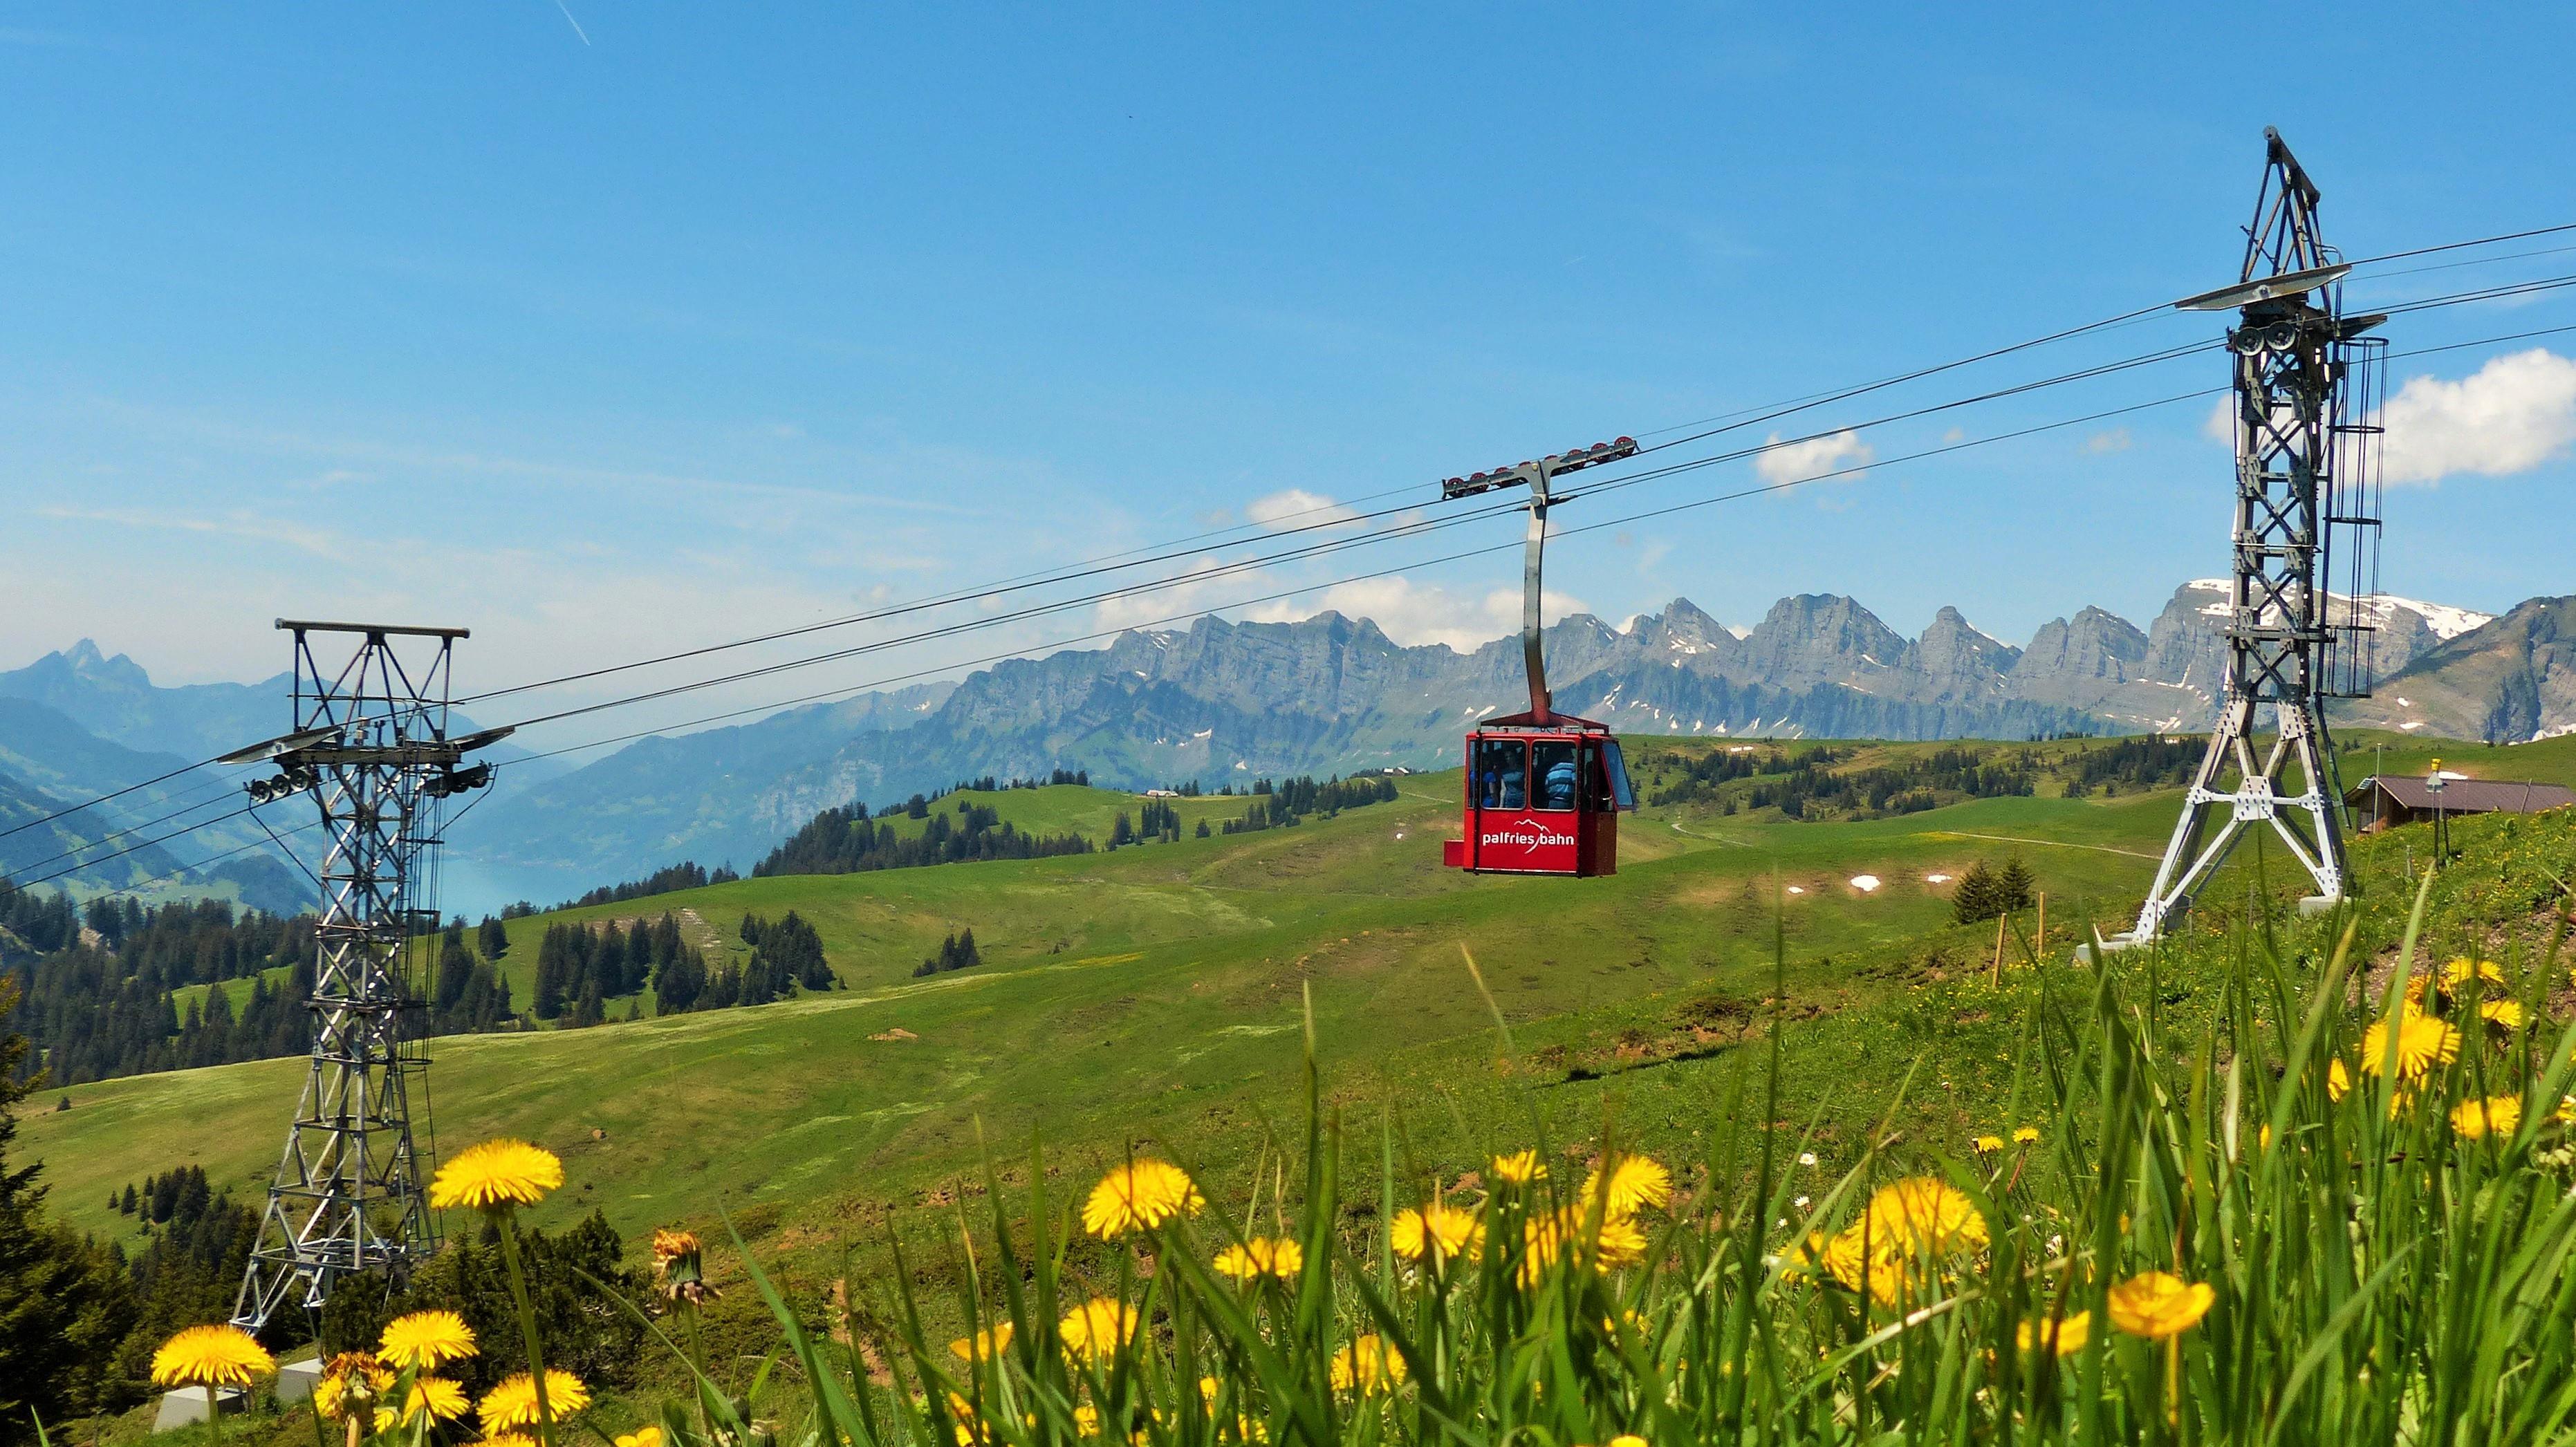 Luft - Seil - Bahn - Glück - Von Oldtimern und Newcomern